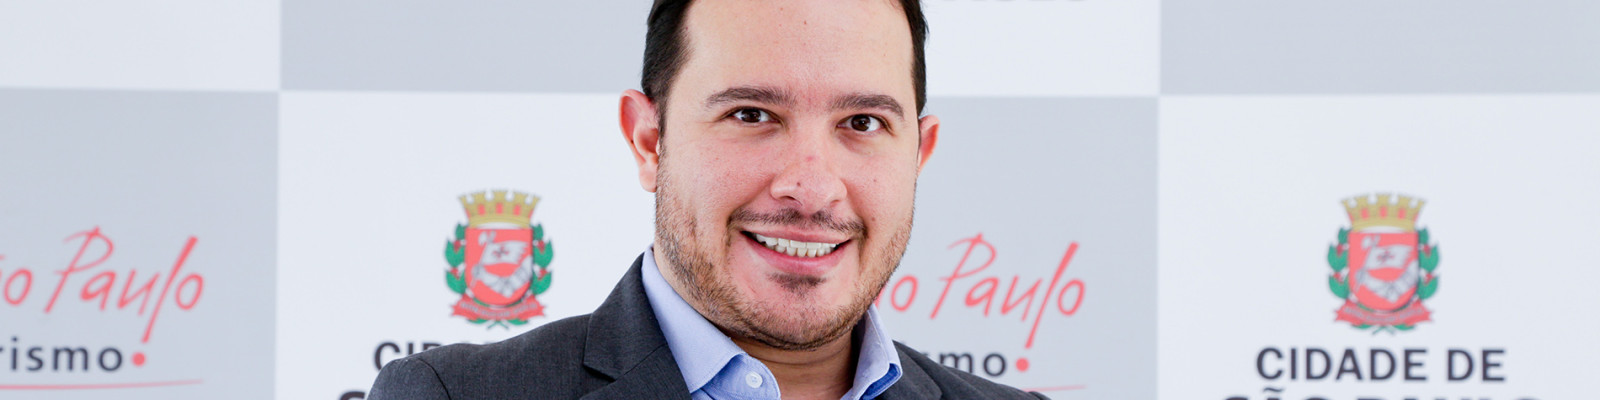 Rodrigo Kluska Rosa - São Paulo (SP) - 30.06.2020 - Geral - Rodrigo Kluska Rosa, Diretor Presidente. Foto: Jose Cordeiro/SPTuris